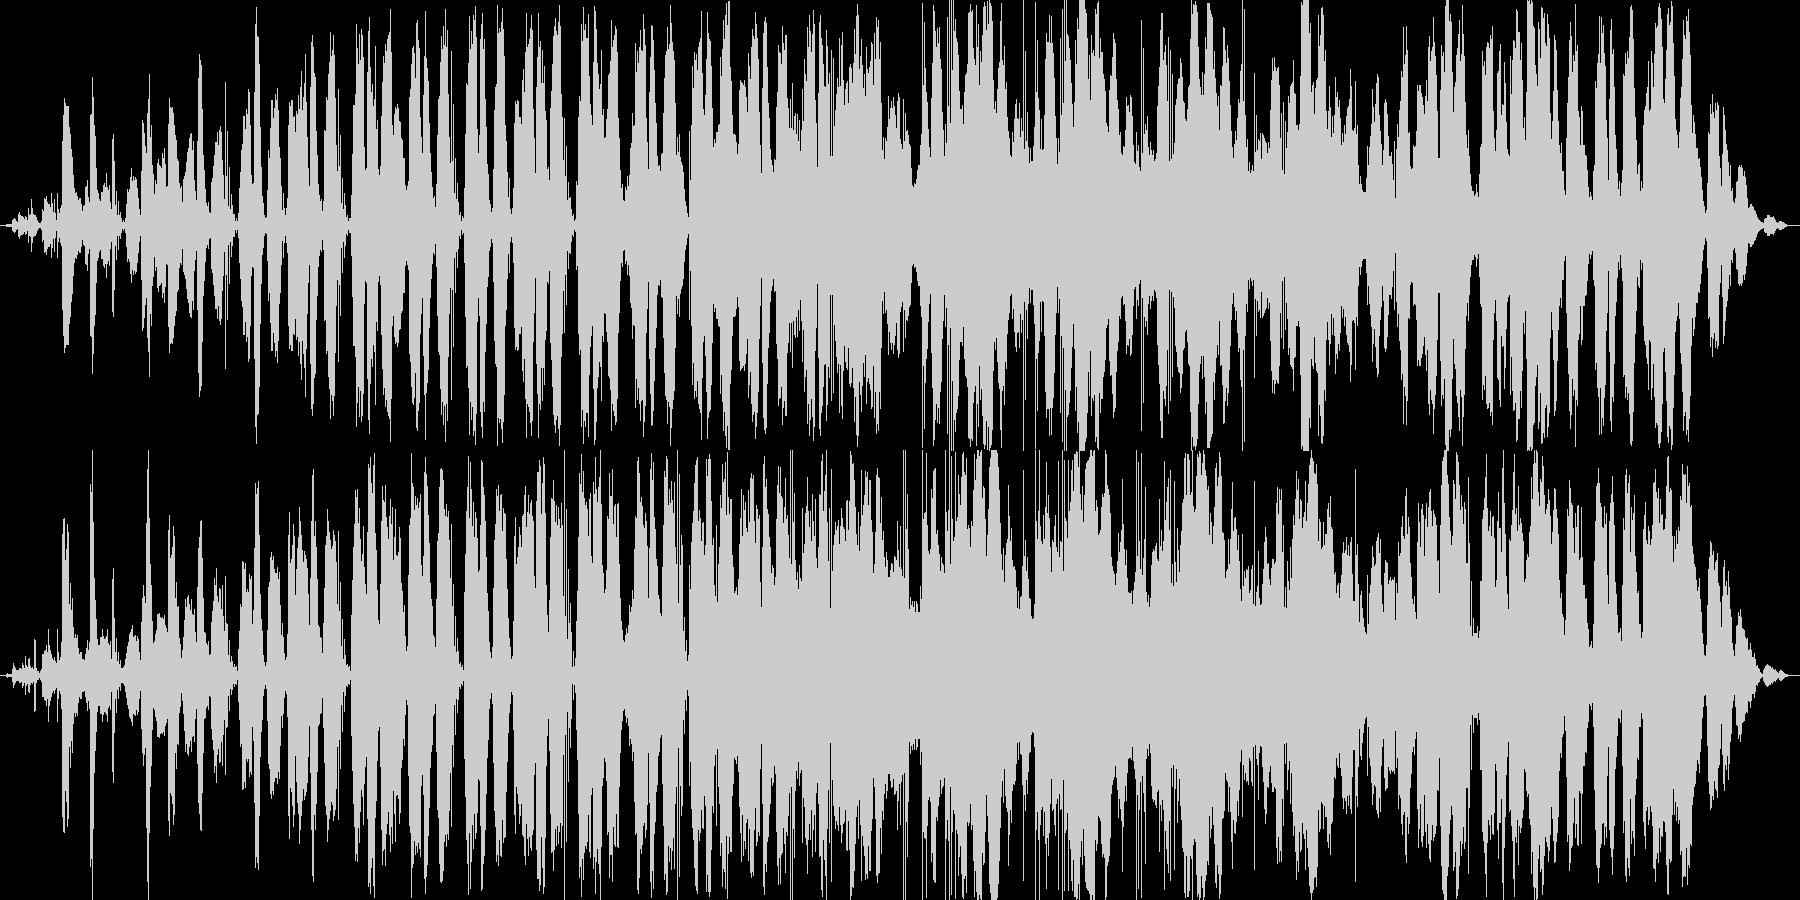 アンビエントなサウンドで、ドキュメンタ…の未再生の波形